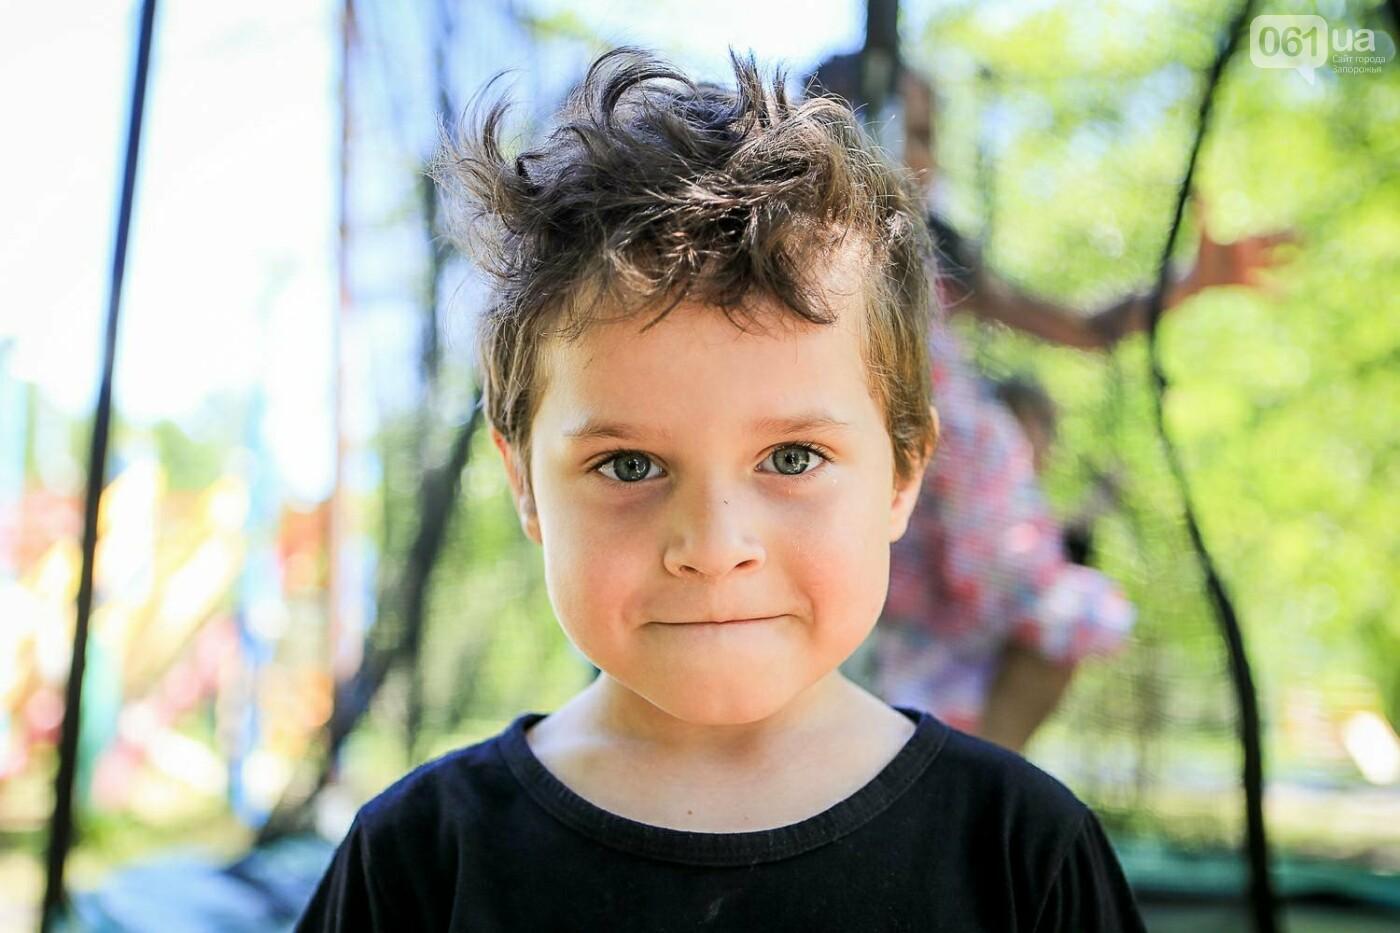 """О чем мечтают дети - фоторепортаж из дома ребенка """"Солнышко"""", фото-19"""